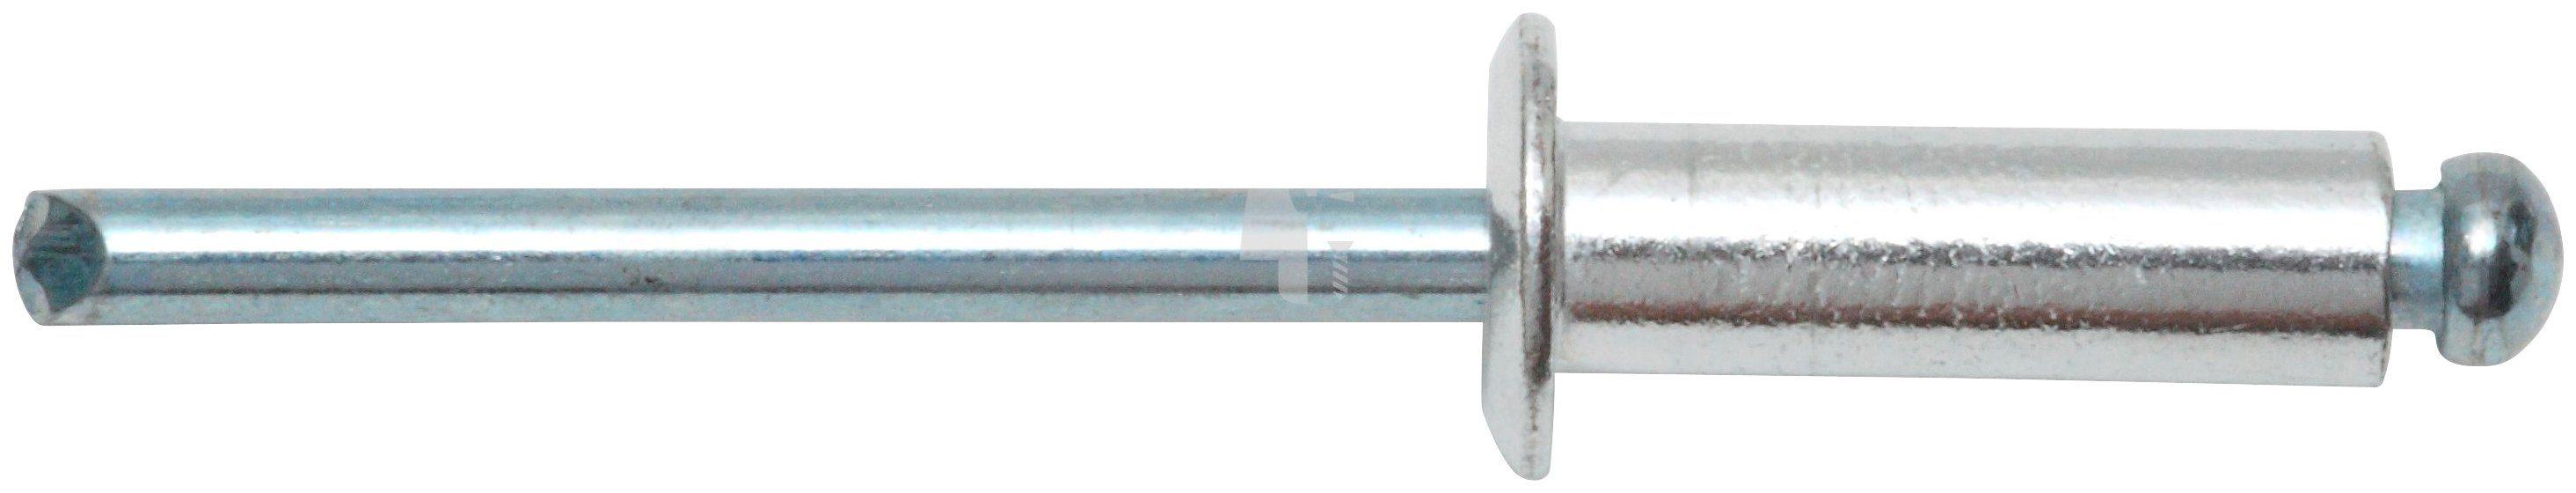 RAMSES Blindnieten , 6 x 12 mm Alu/Stahl 250 Stück